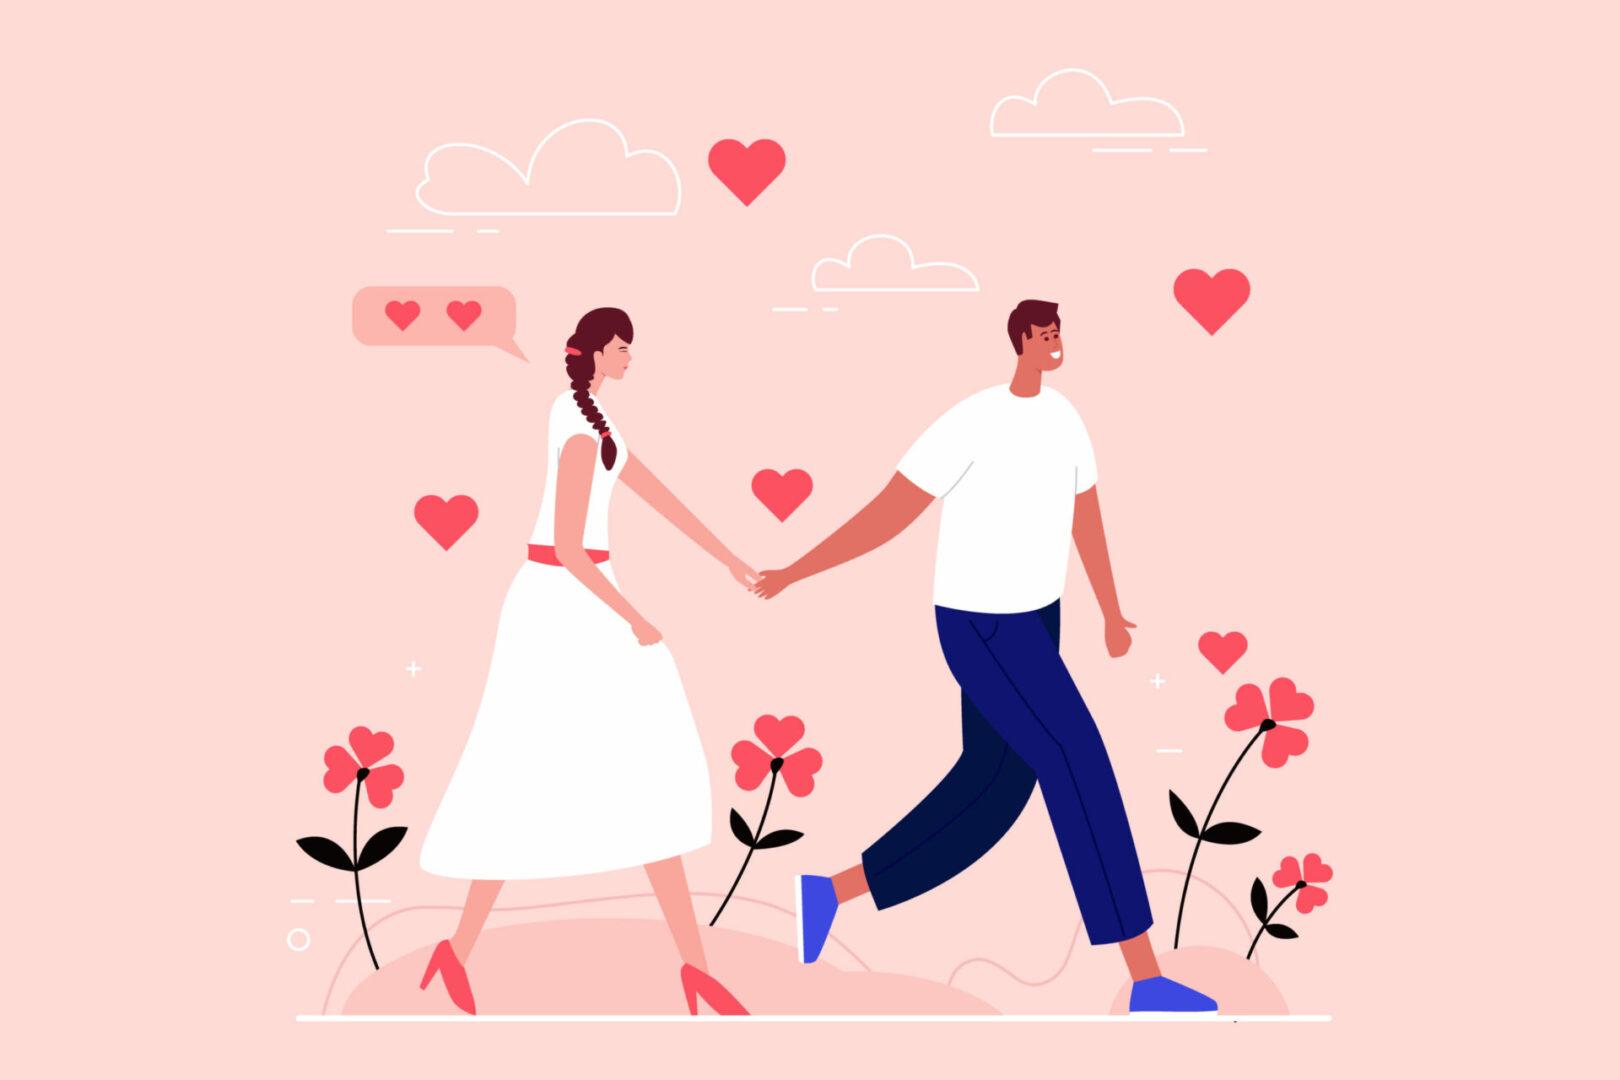 O amor é uma grande conquista